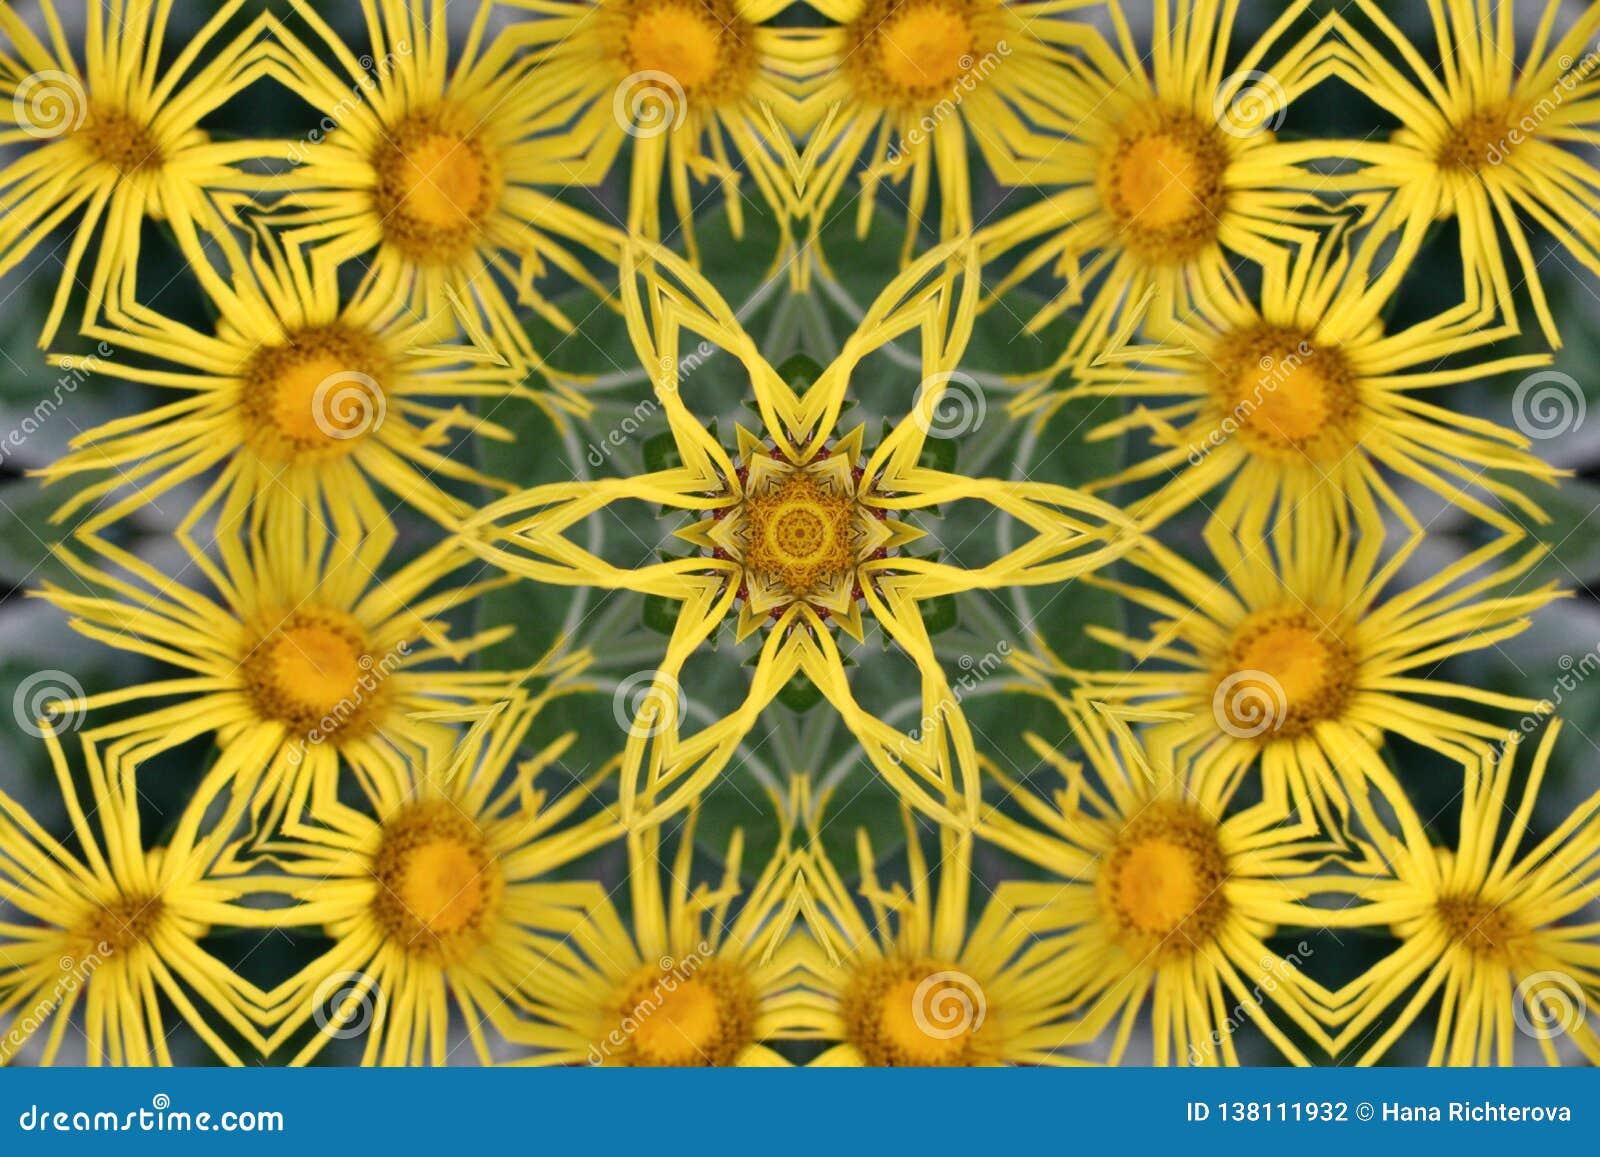 Abstrakt bakgrundskaleidoscope Härlig flerfärgad kalejdoskoptextur Unik och oefterhärmlig design Geometriskt symmetriskt